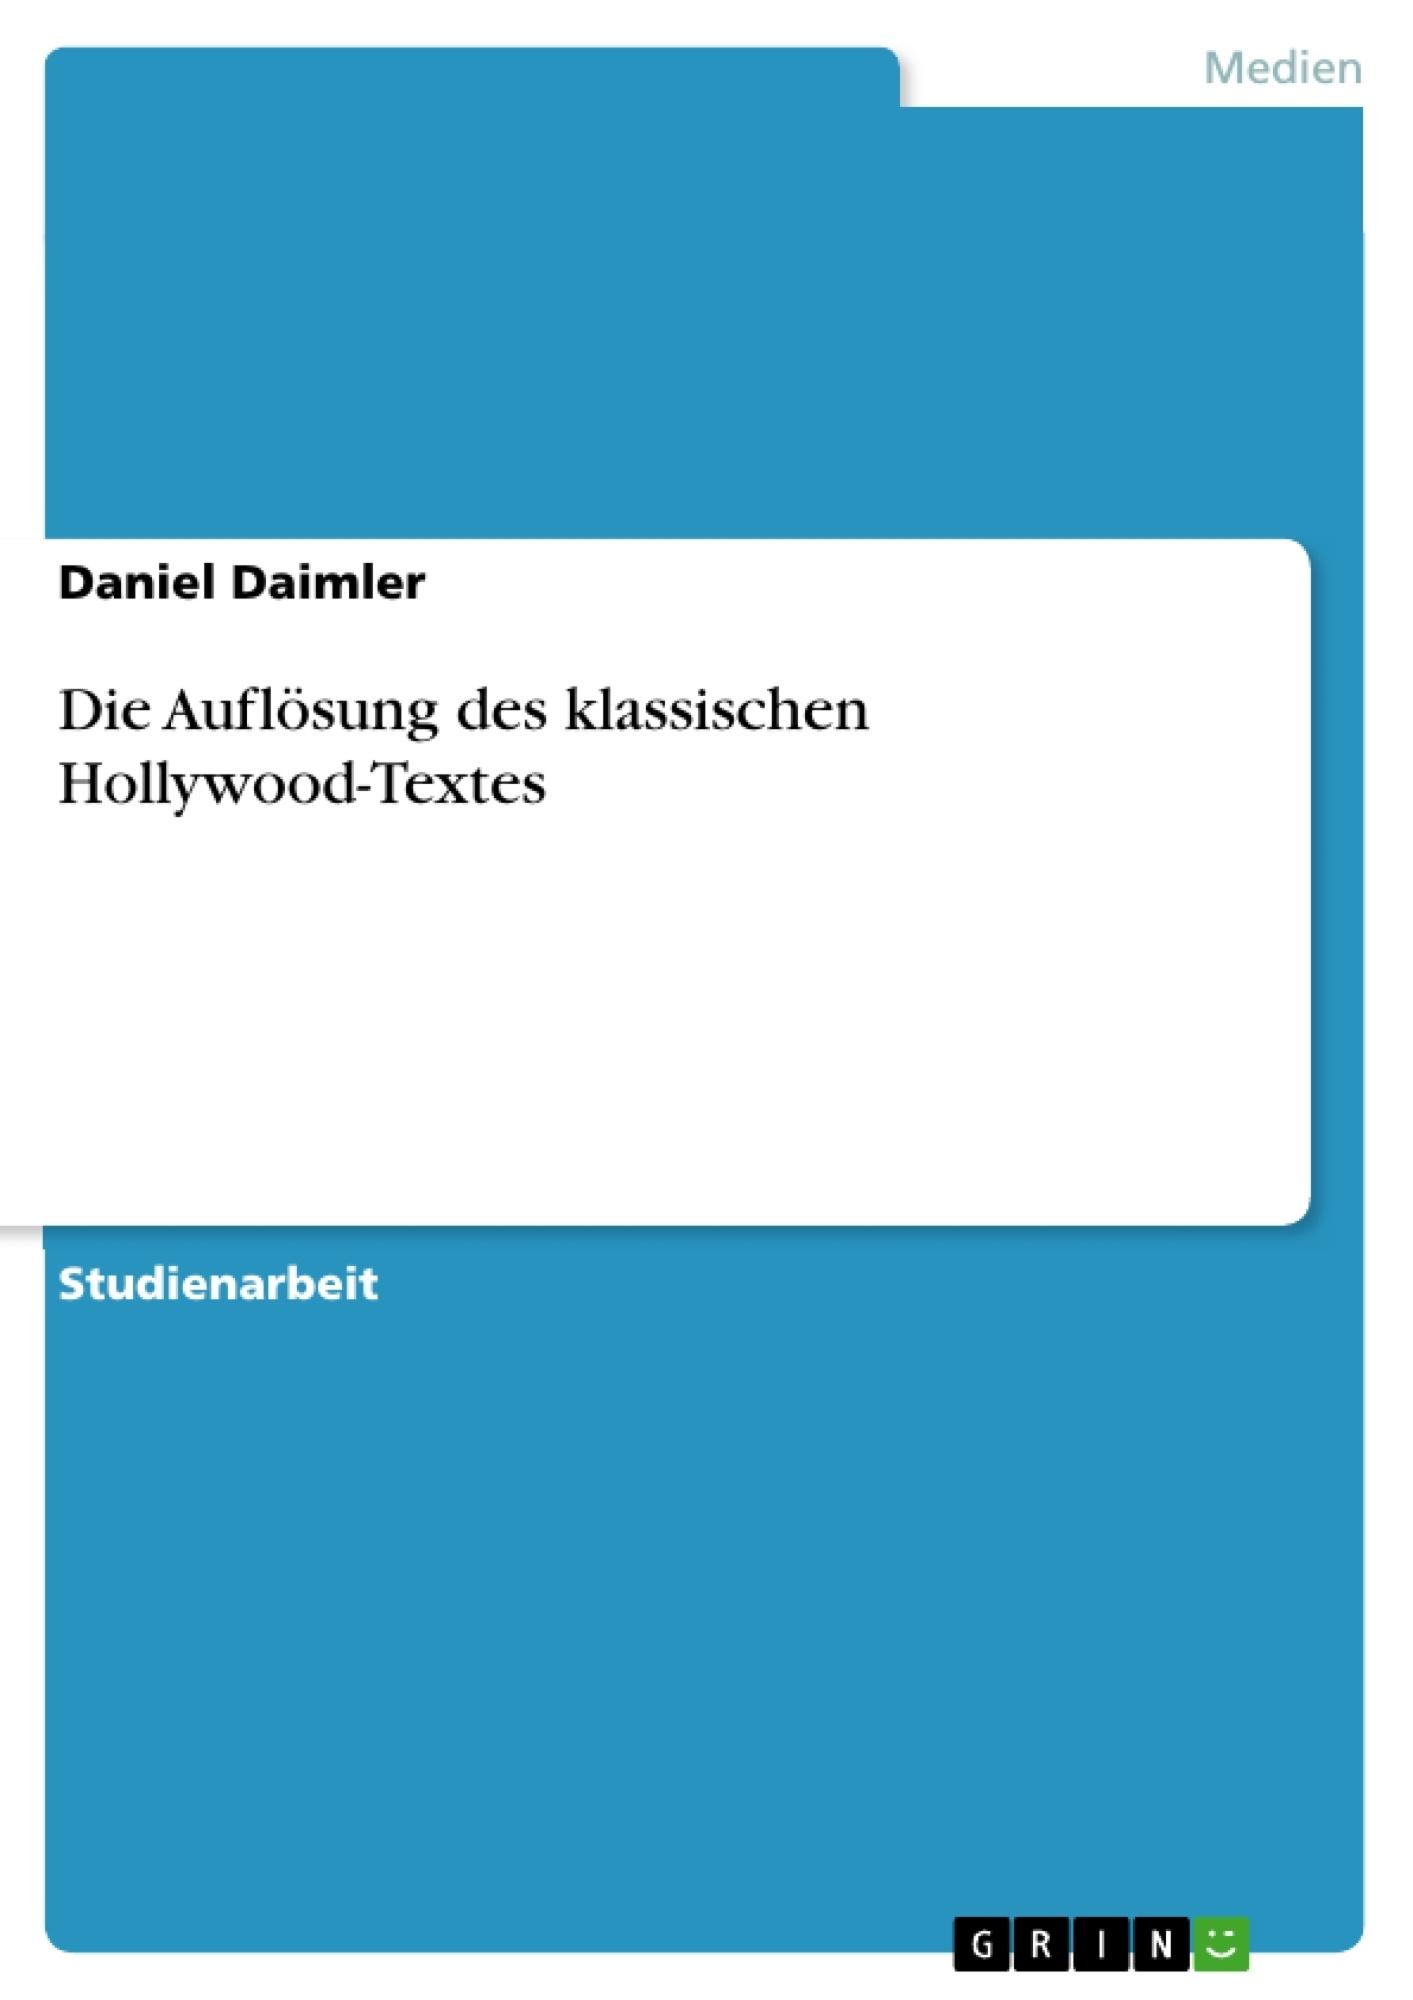 Titel: Die Auflösung des klassischen Hollywood-Textes